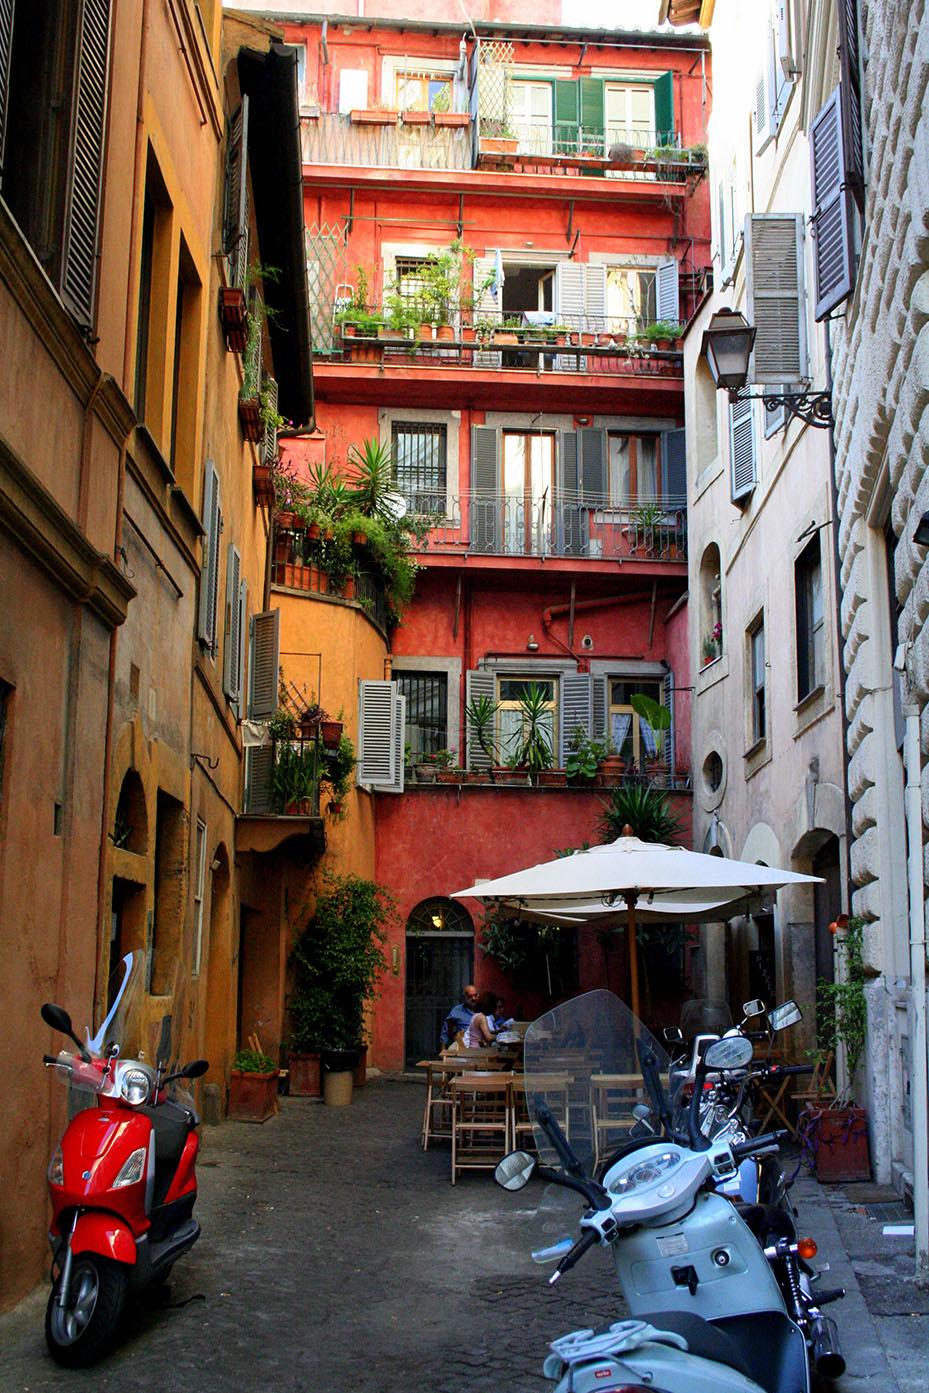 Rome, Italy (2007)